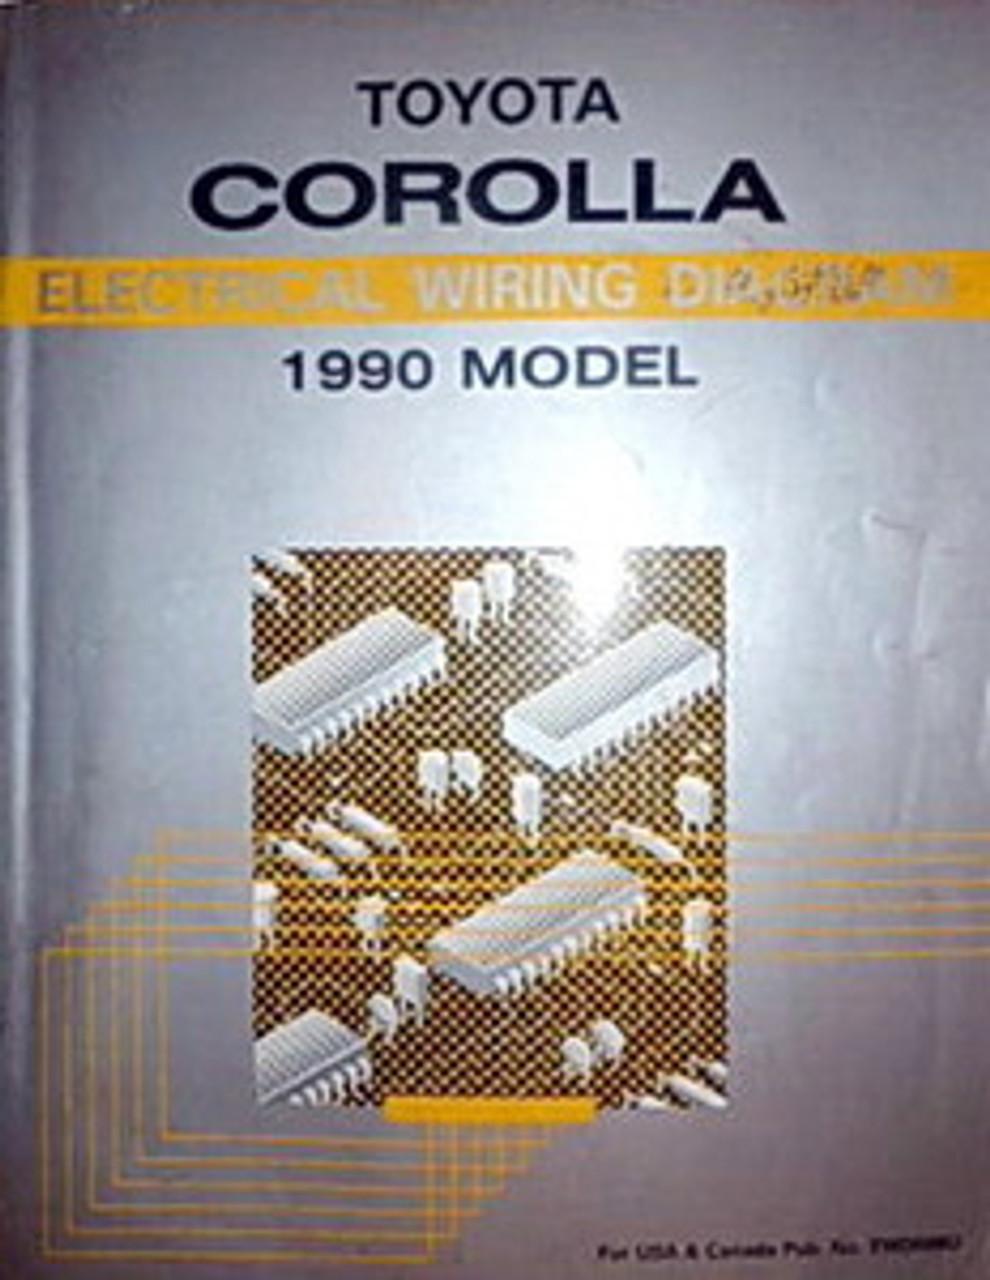 1990 Toyota Corolla Electrical Wiring Diagrams Original Manual Factory Repair Manuals